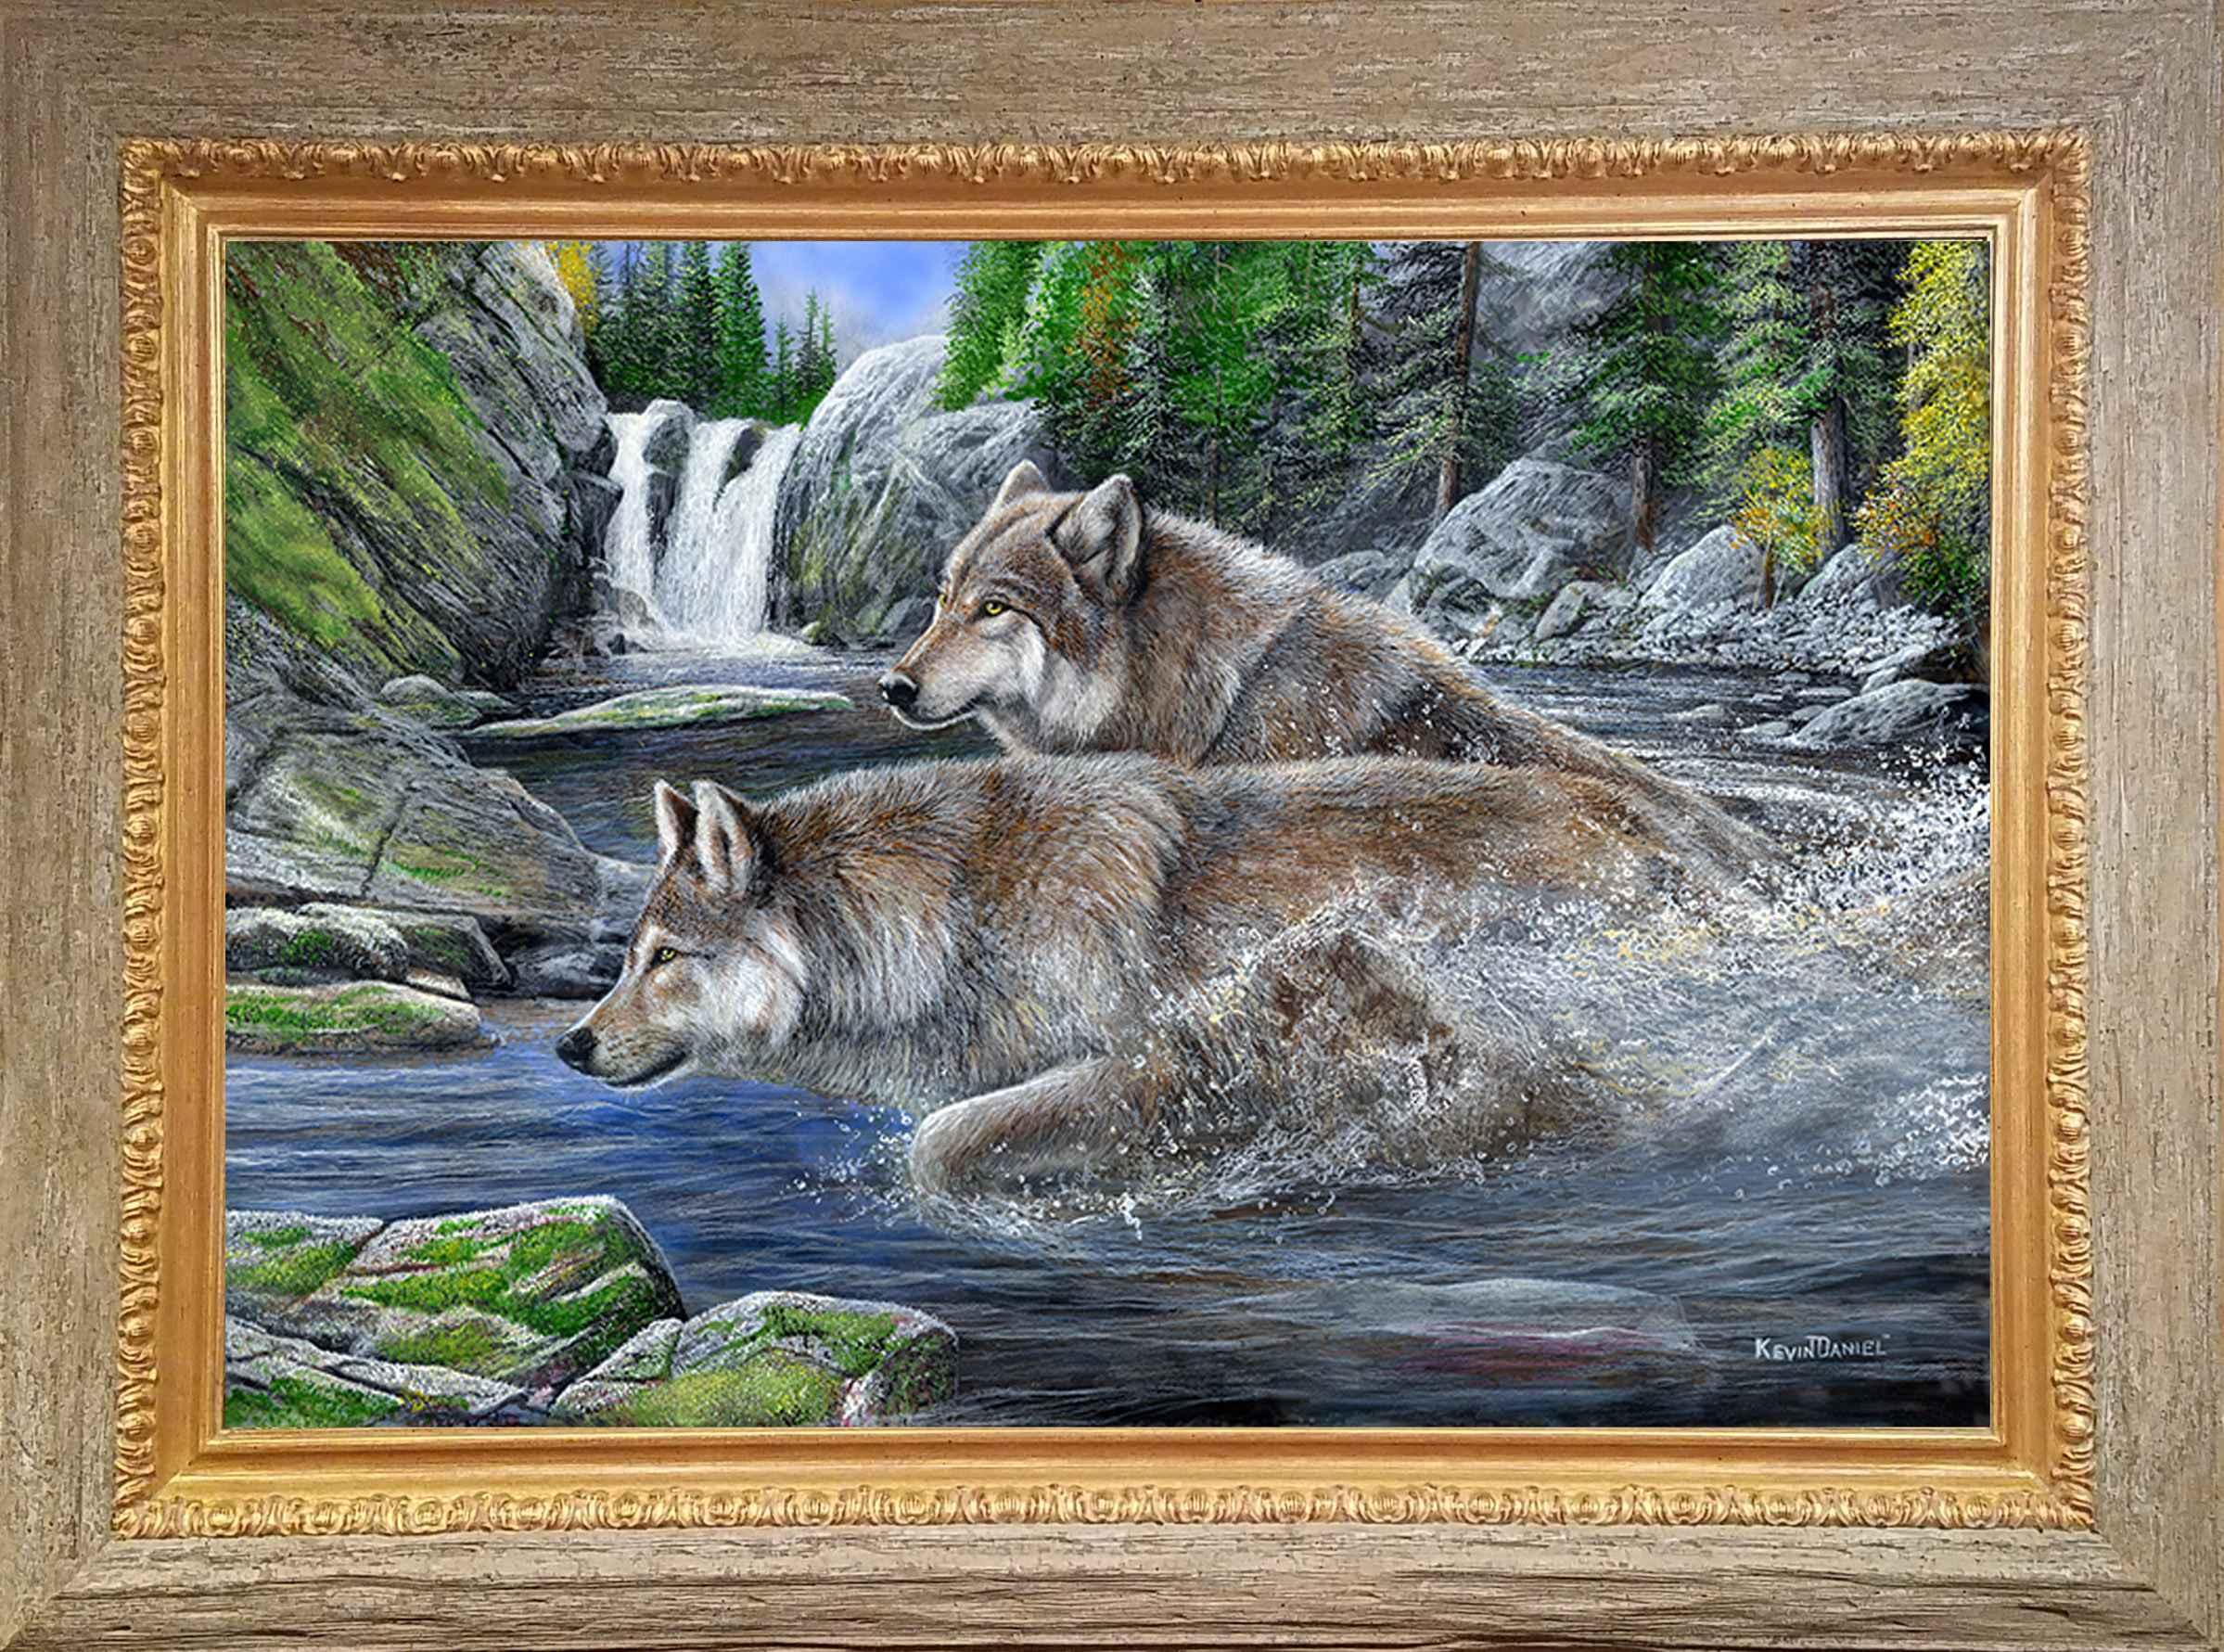 Treacherous Crossing by  Kevin Daniel - Masterpiece Online